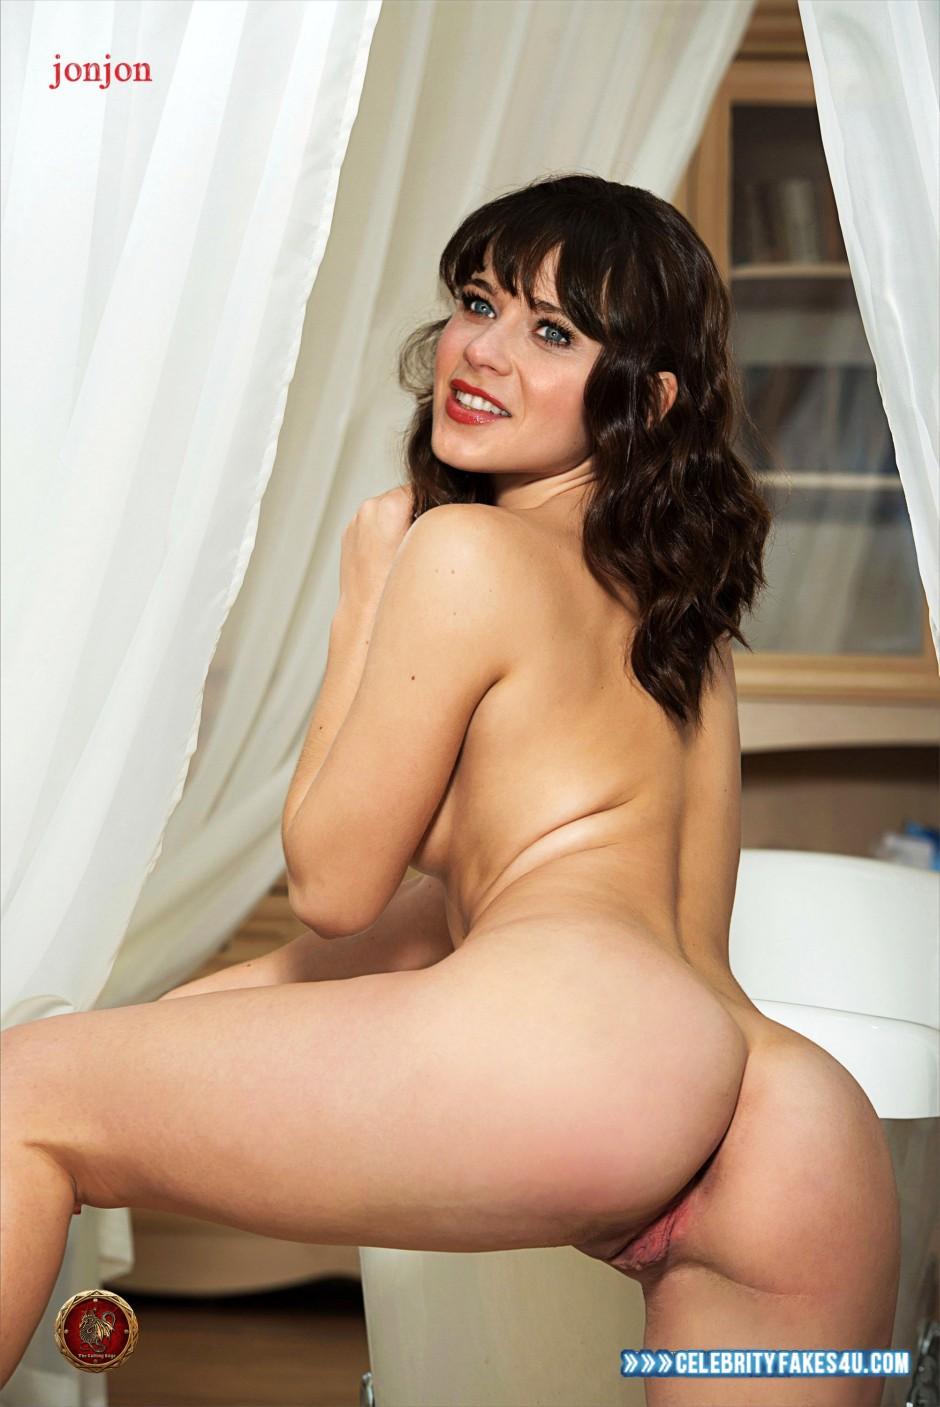 Zooey deschanel fake porn